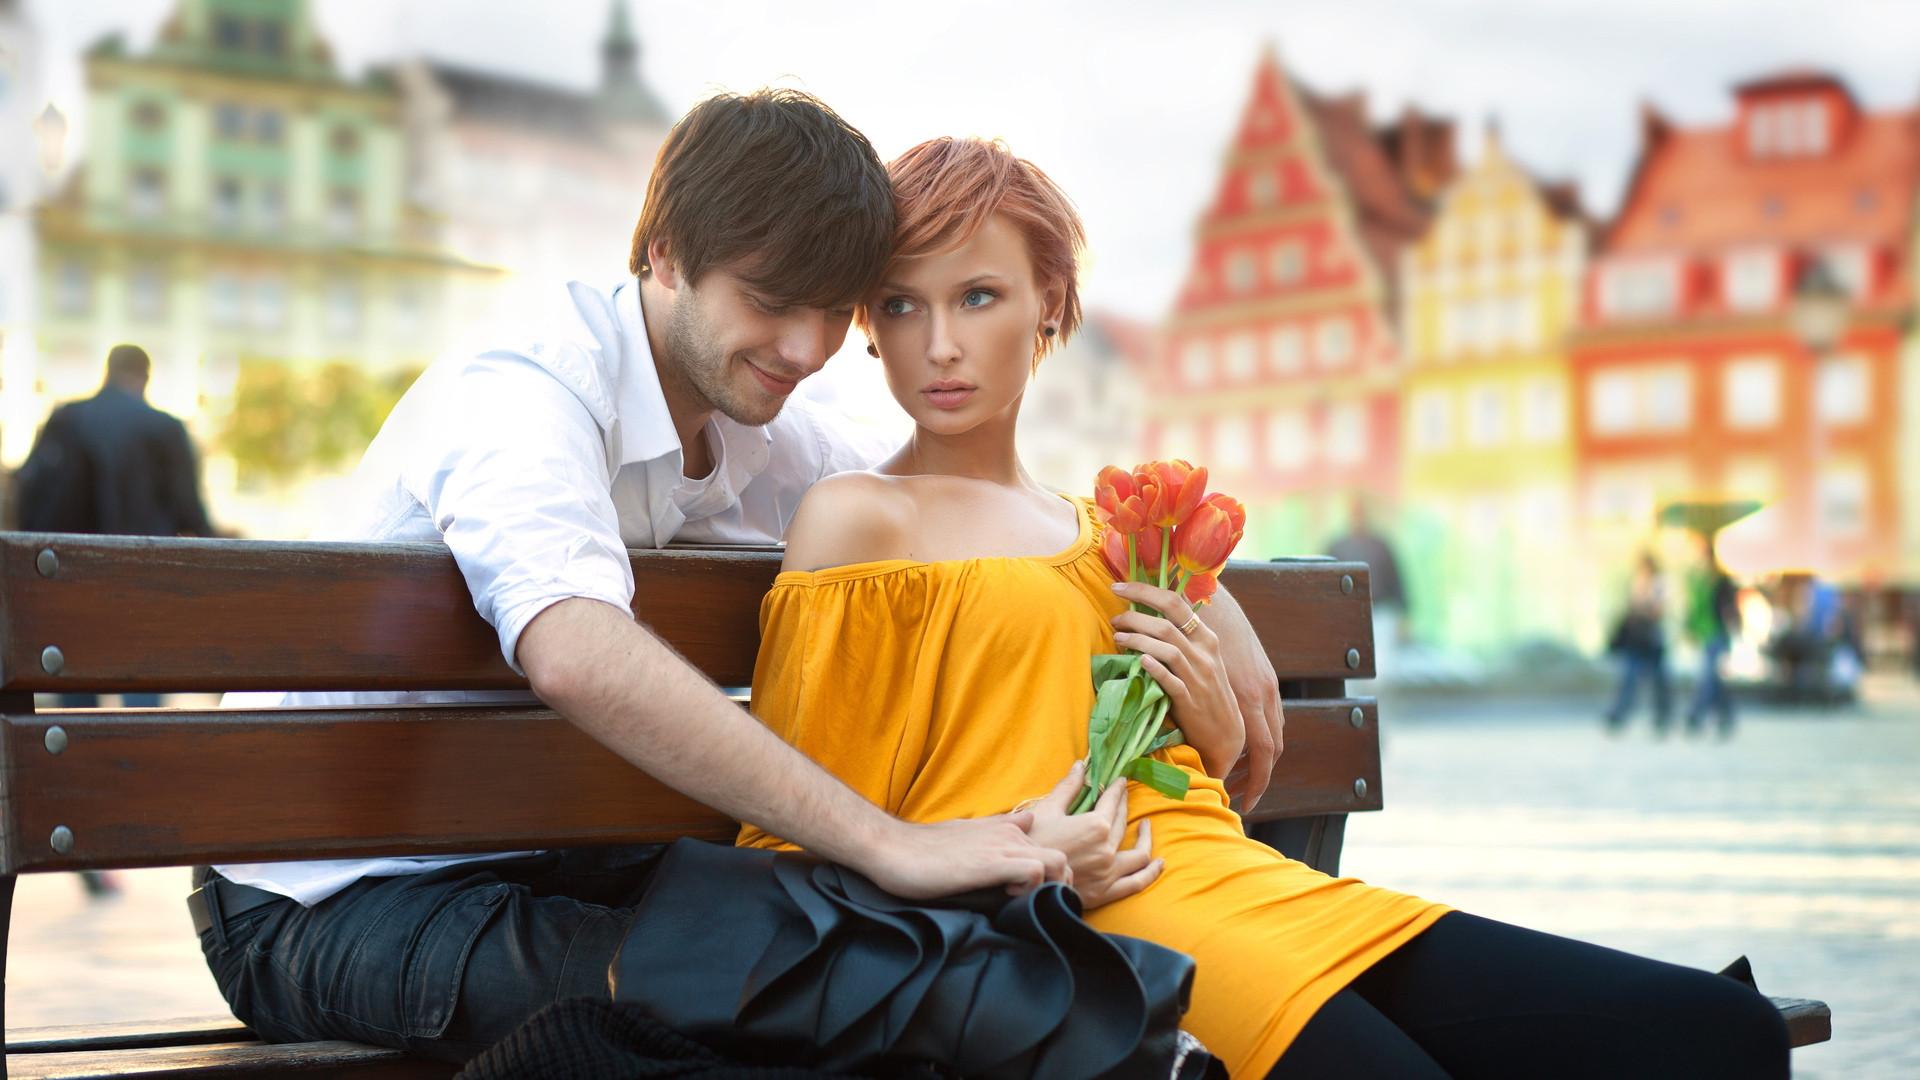 नई गर्लफ़्रेंड को प्यार का यक़ीन दिलाना